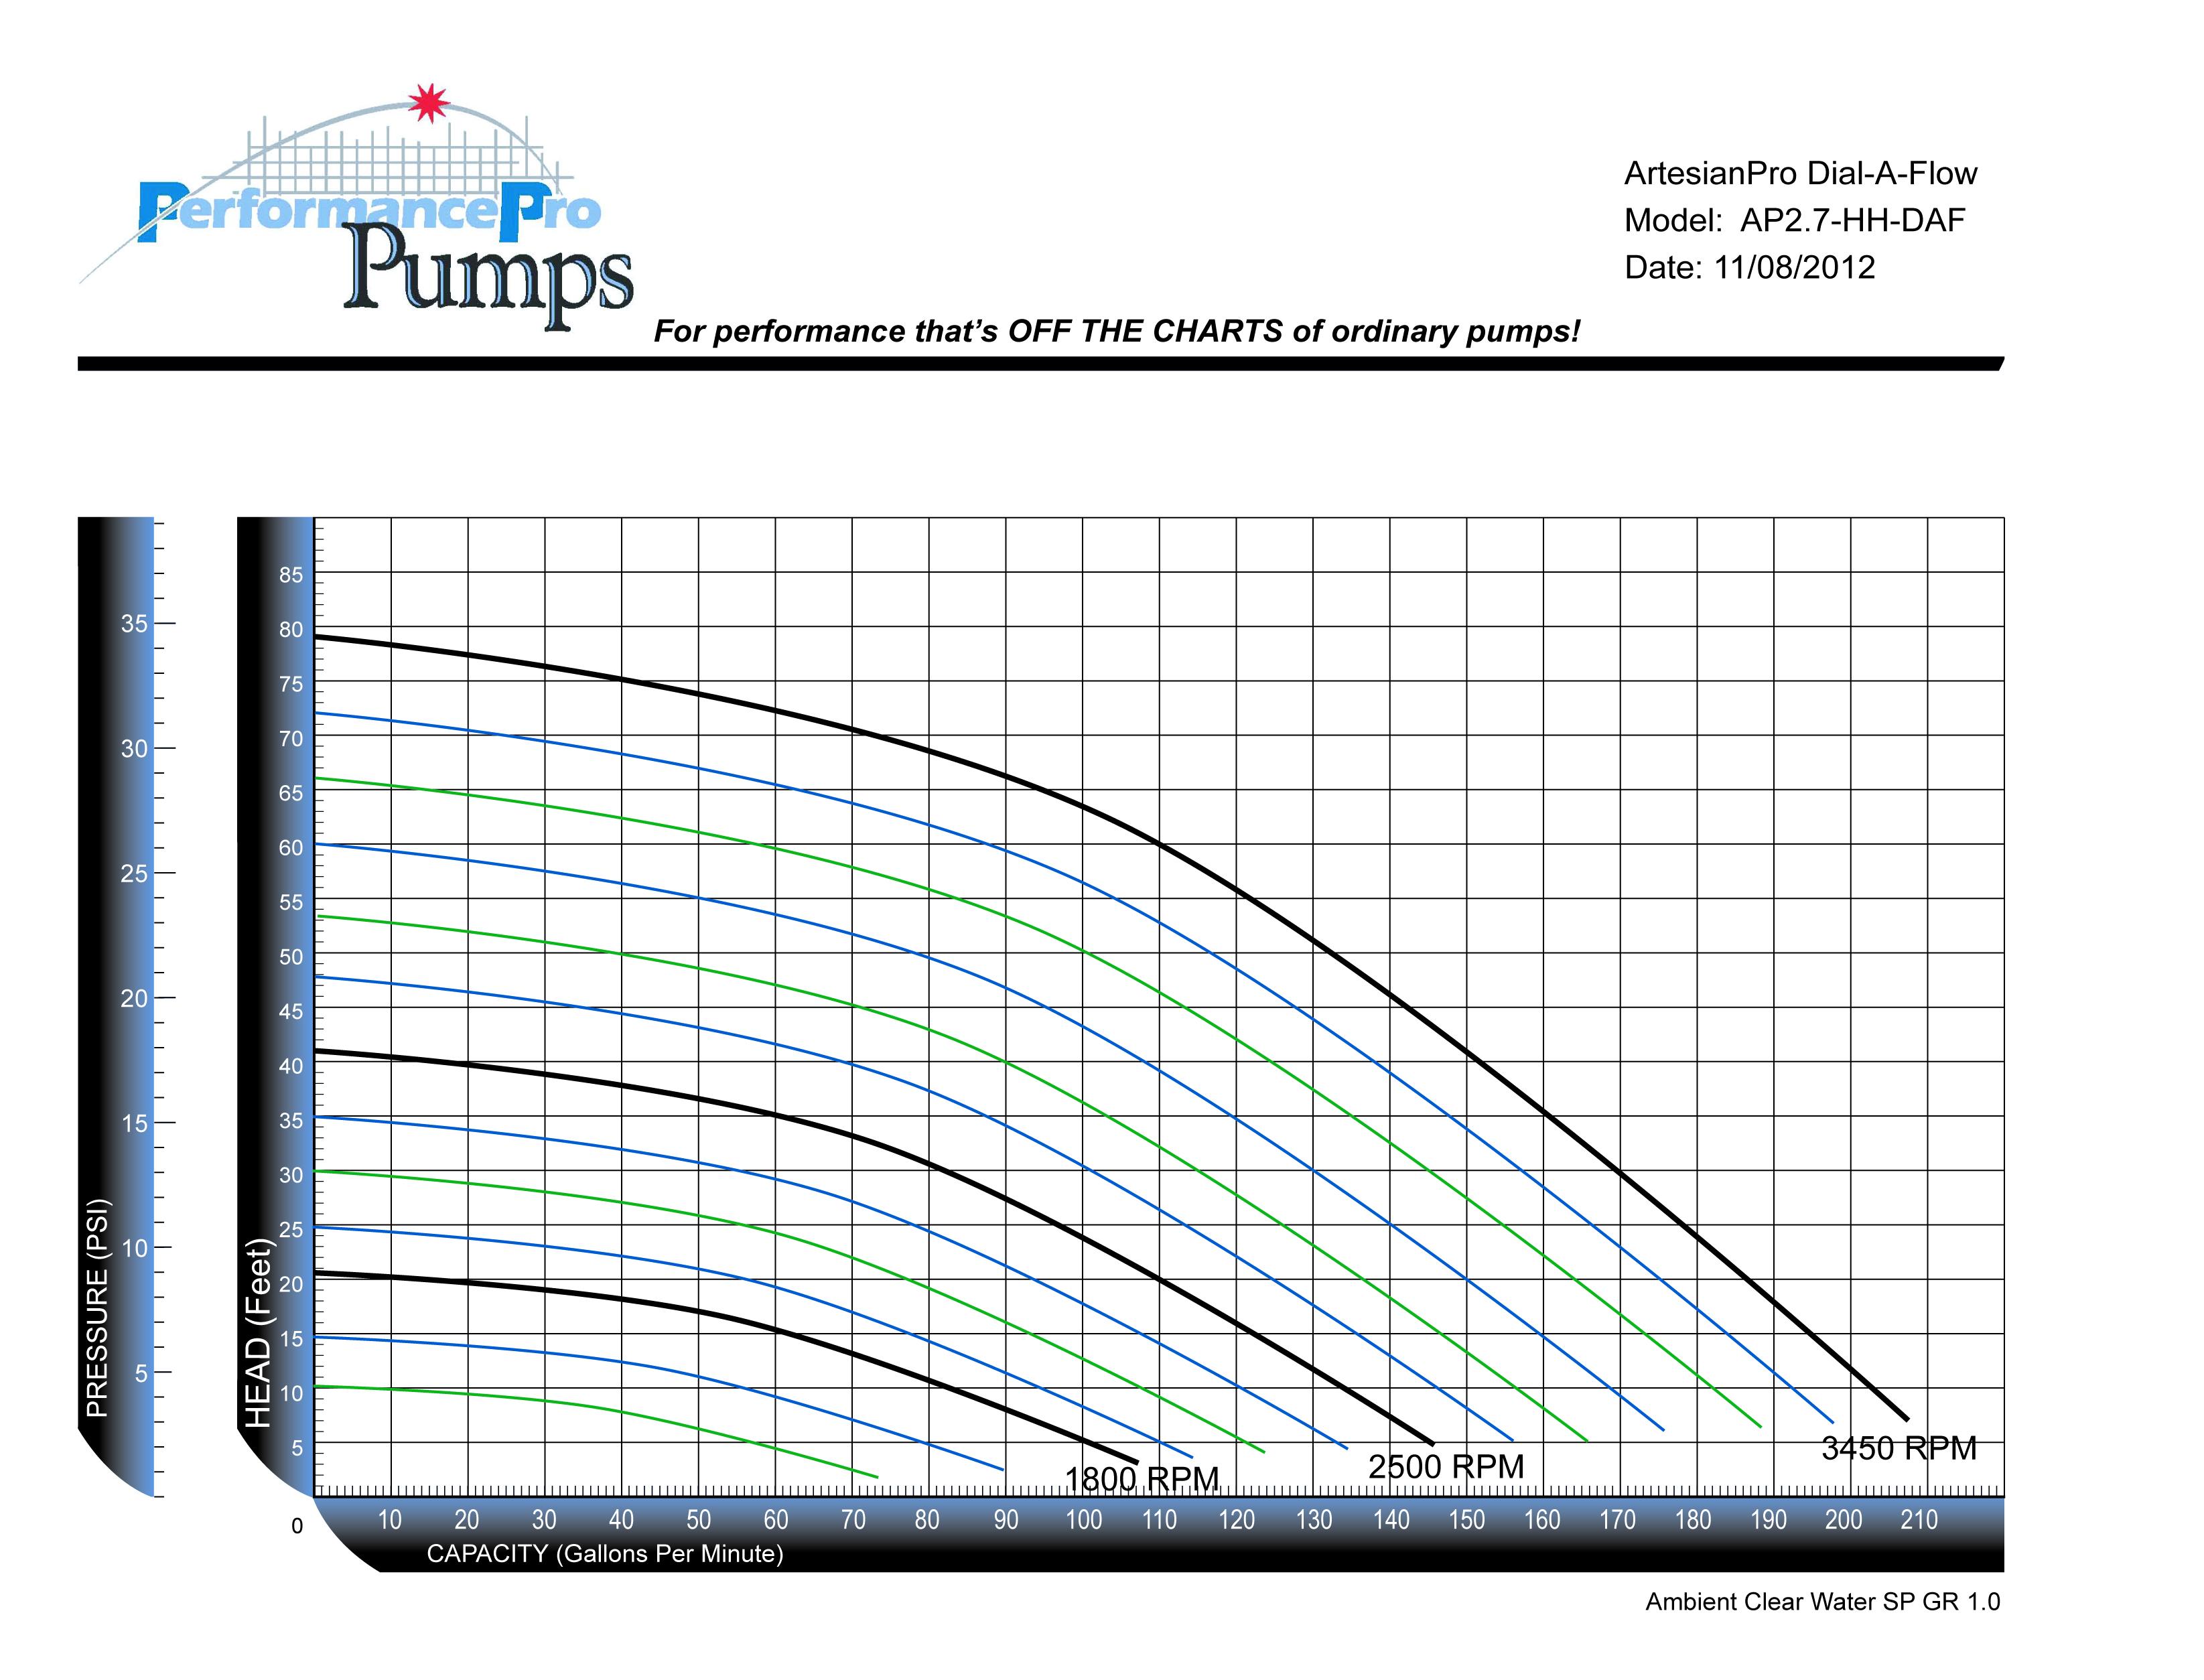 ArtesianPro 2.7HP HH DAF Curve